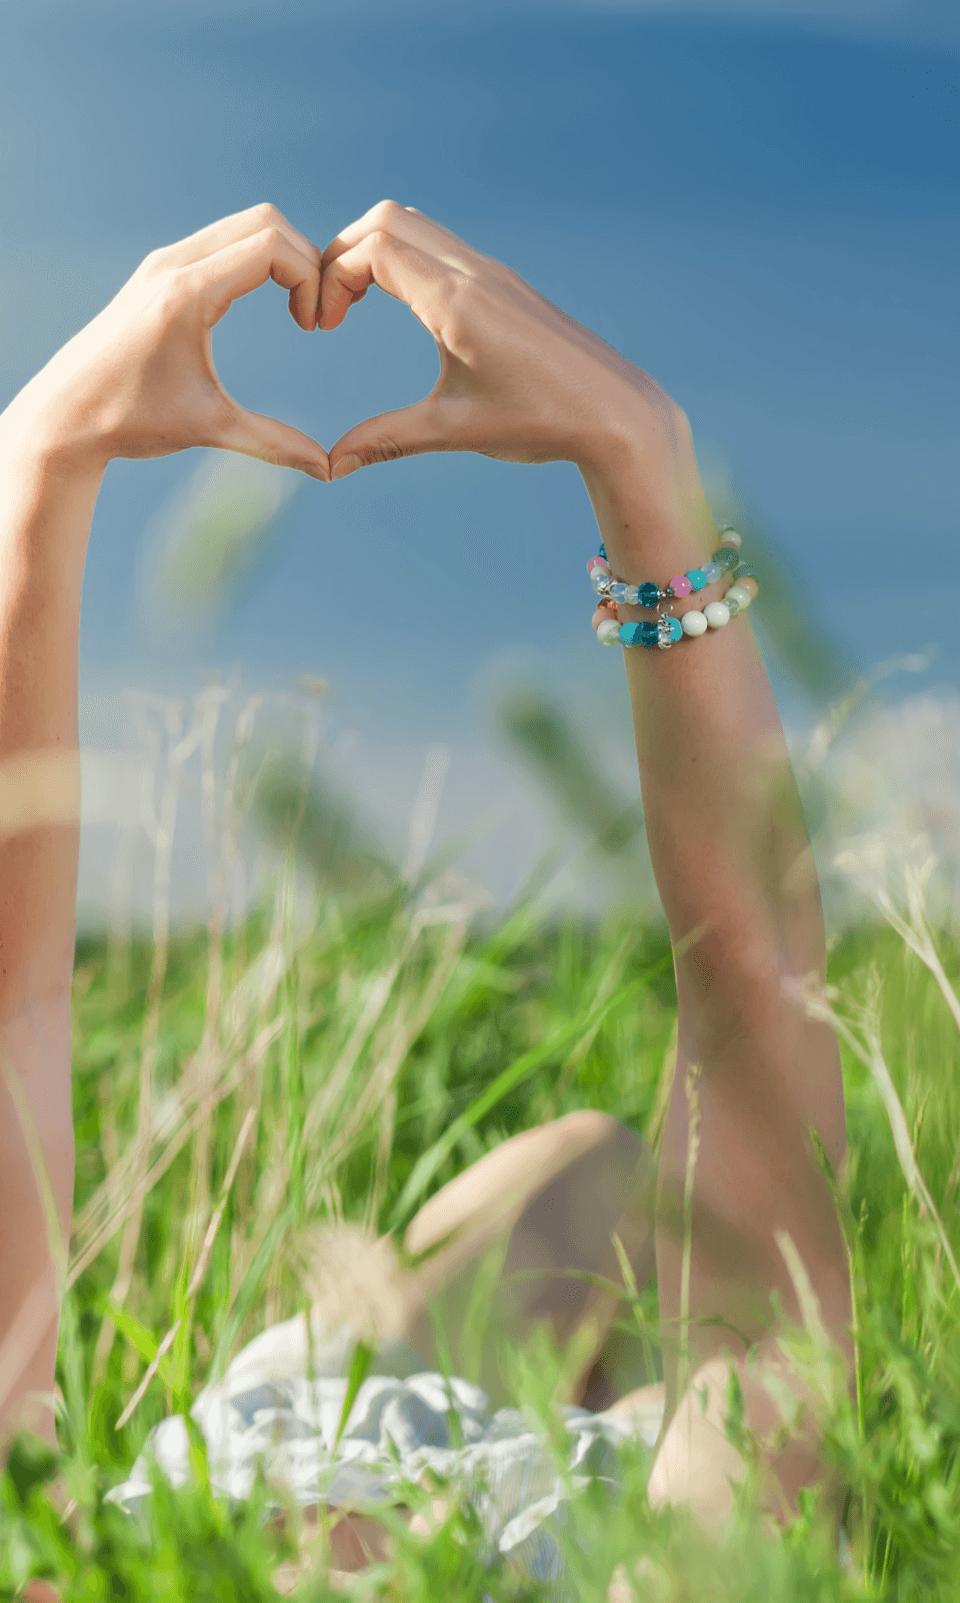 Un engagement humain fort. L'image représente une personne allongée dans l'herbe formant un coeur avec ses mains